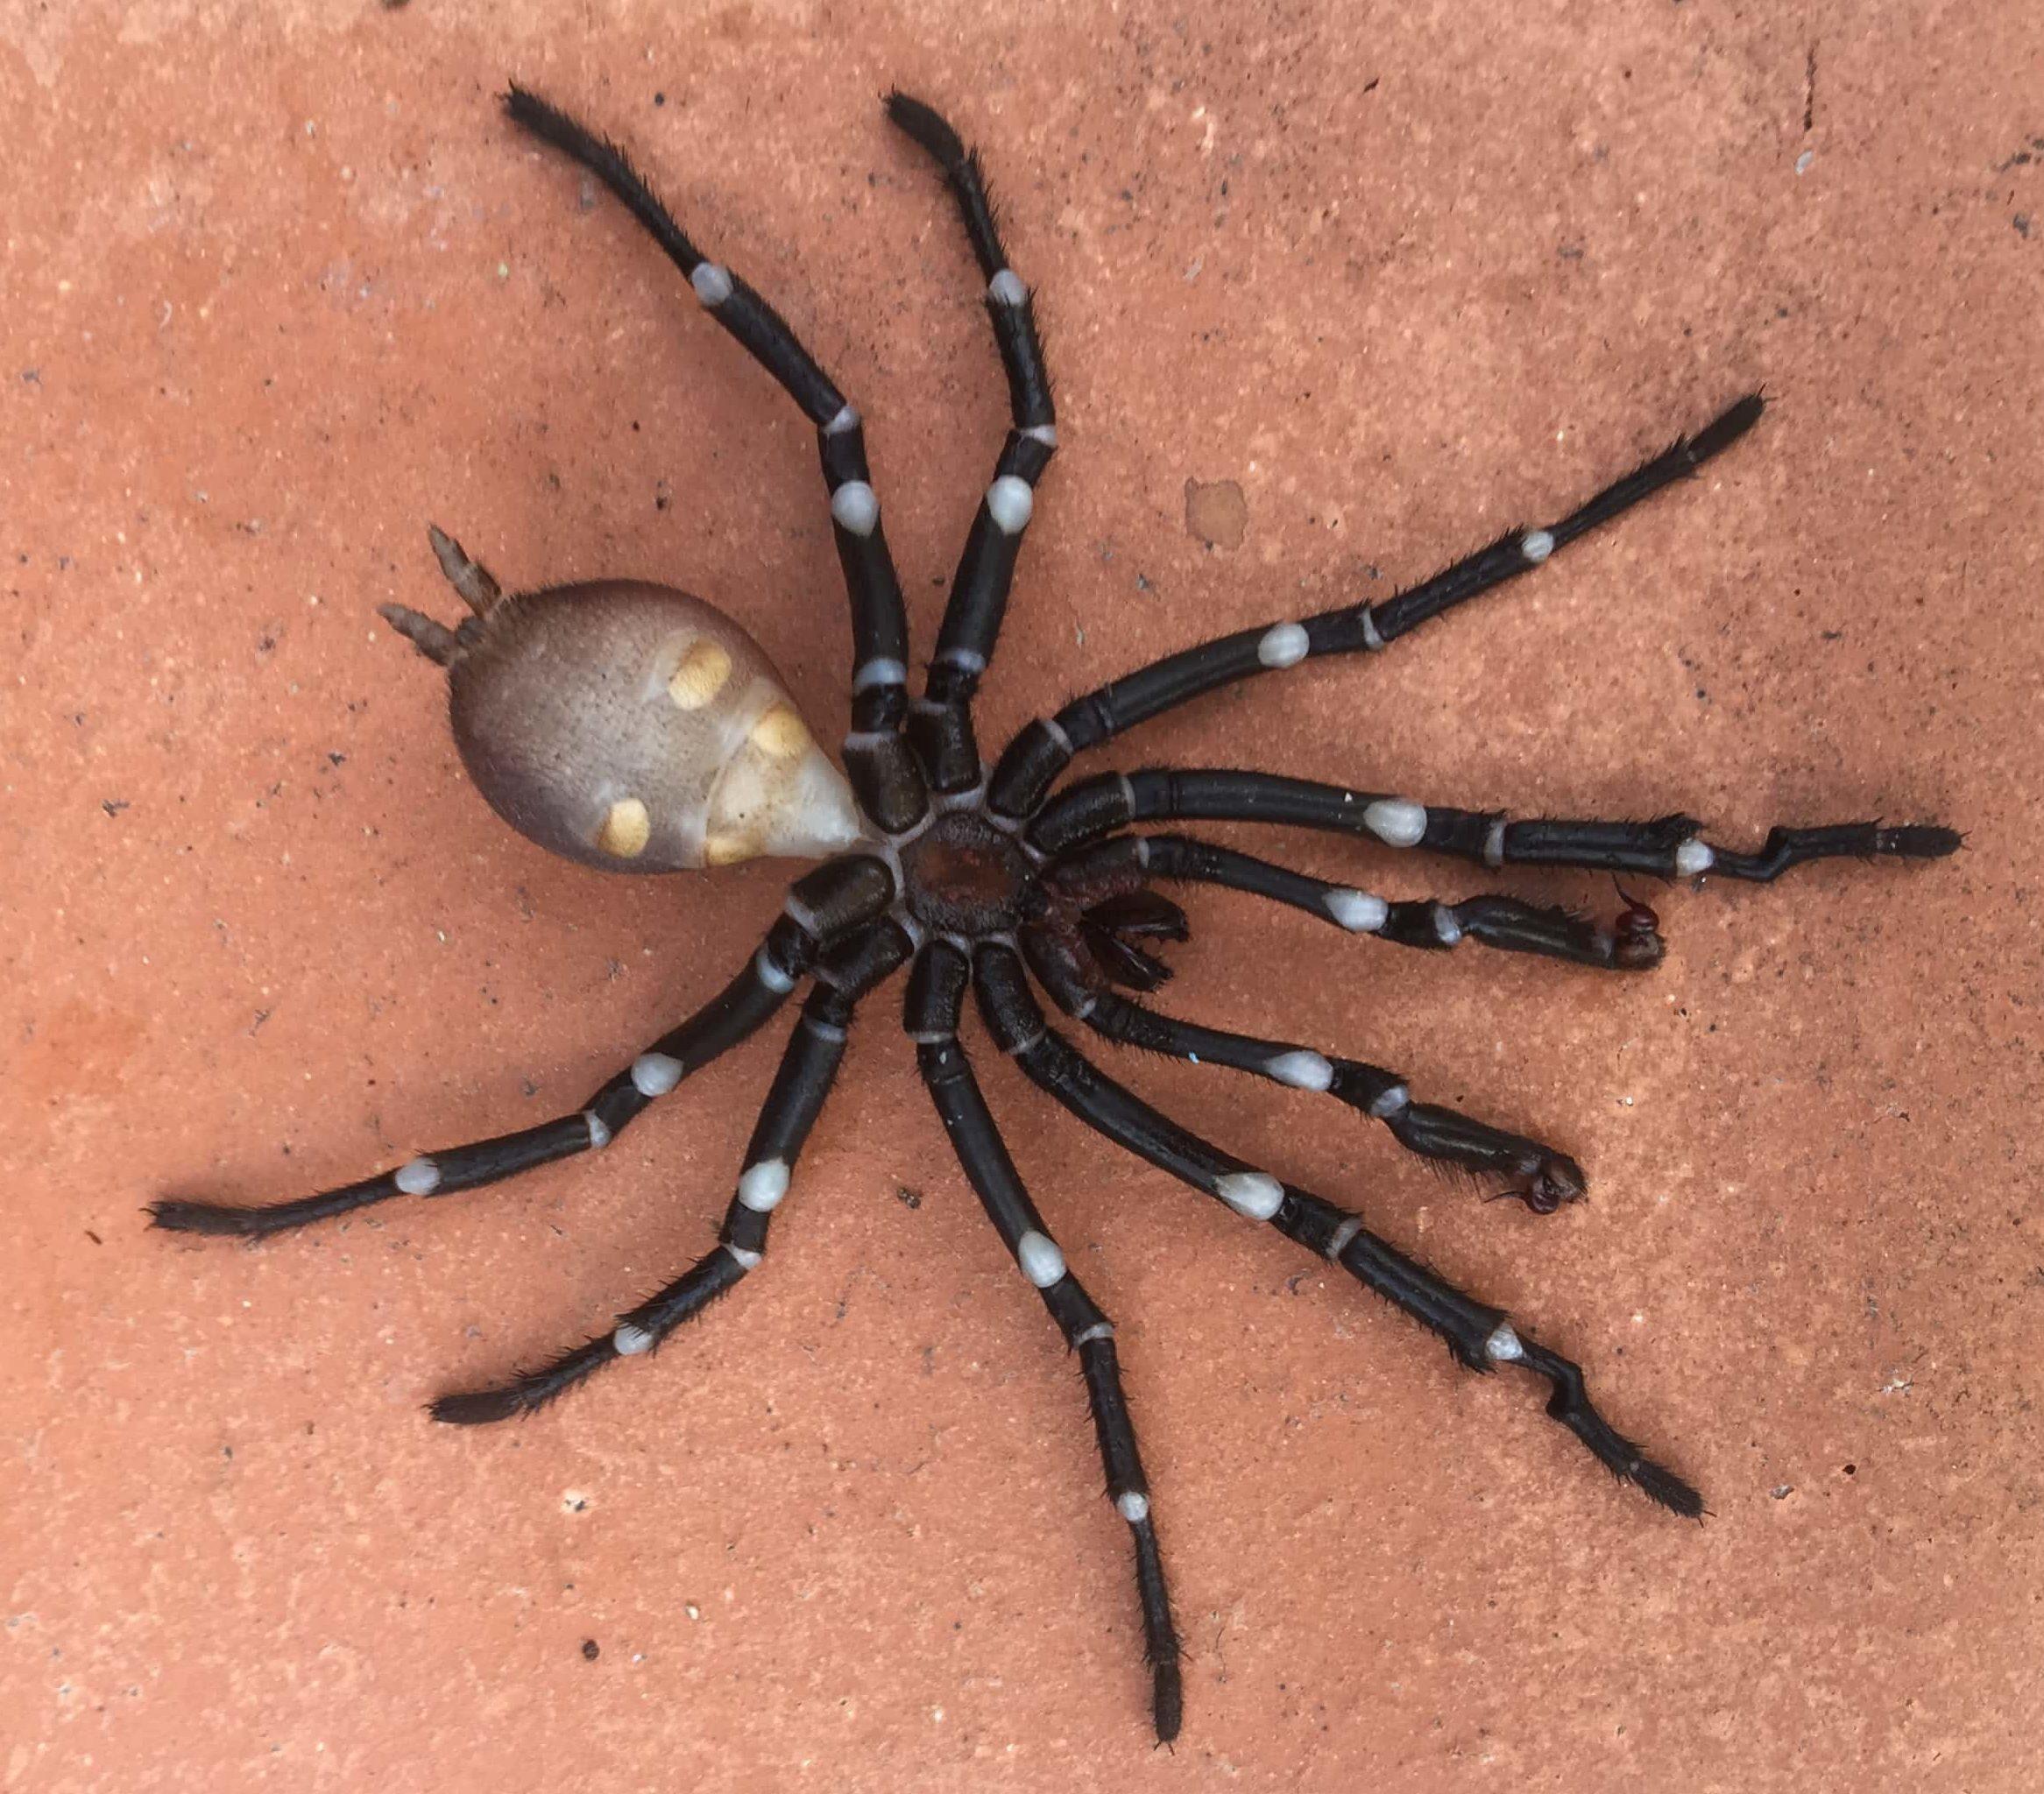 Picture of Bothriocyrtum californicum (California Trapdoor Spider) - Male - Ventral